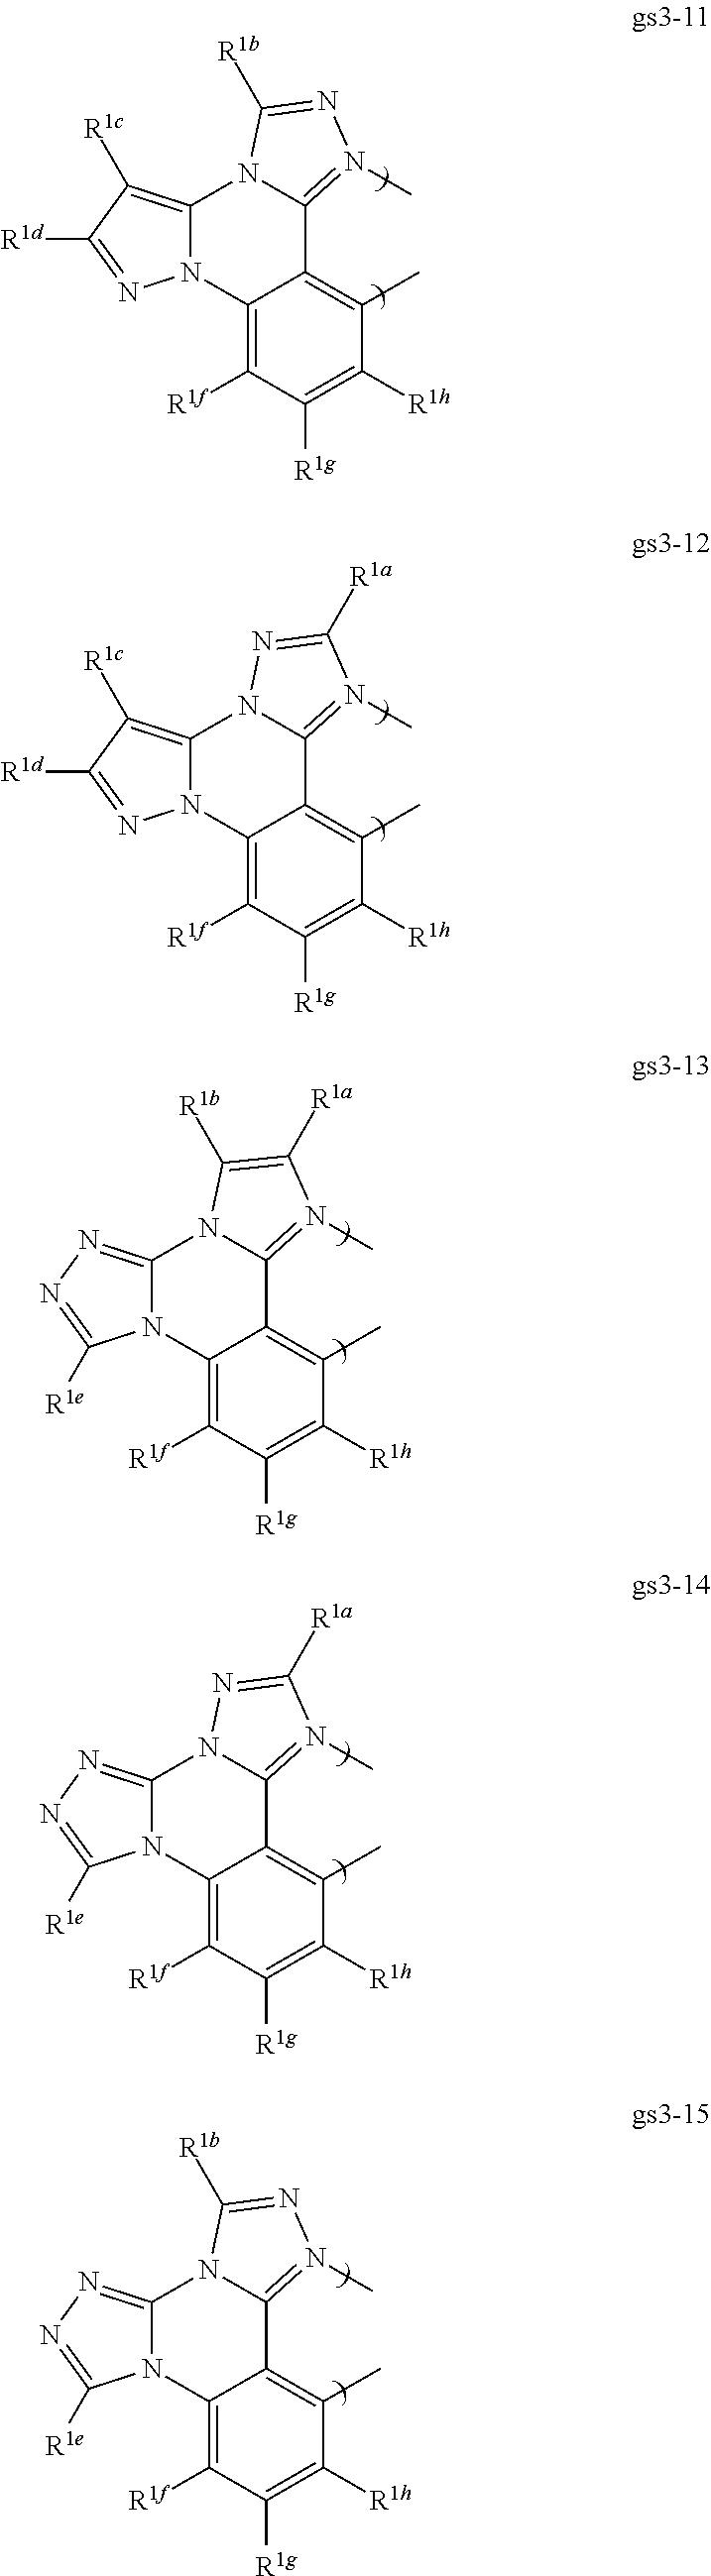 Figure US20110073849A1-20110331-C00021